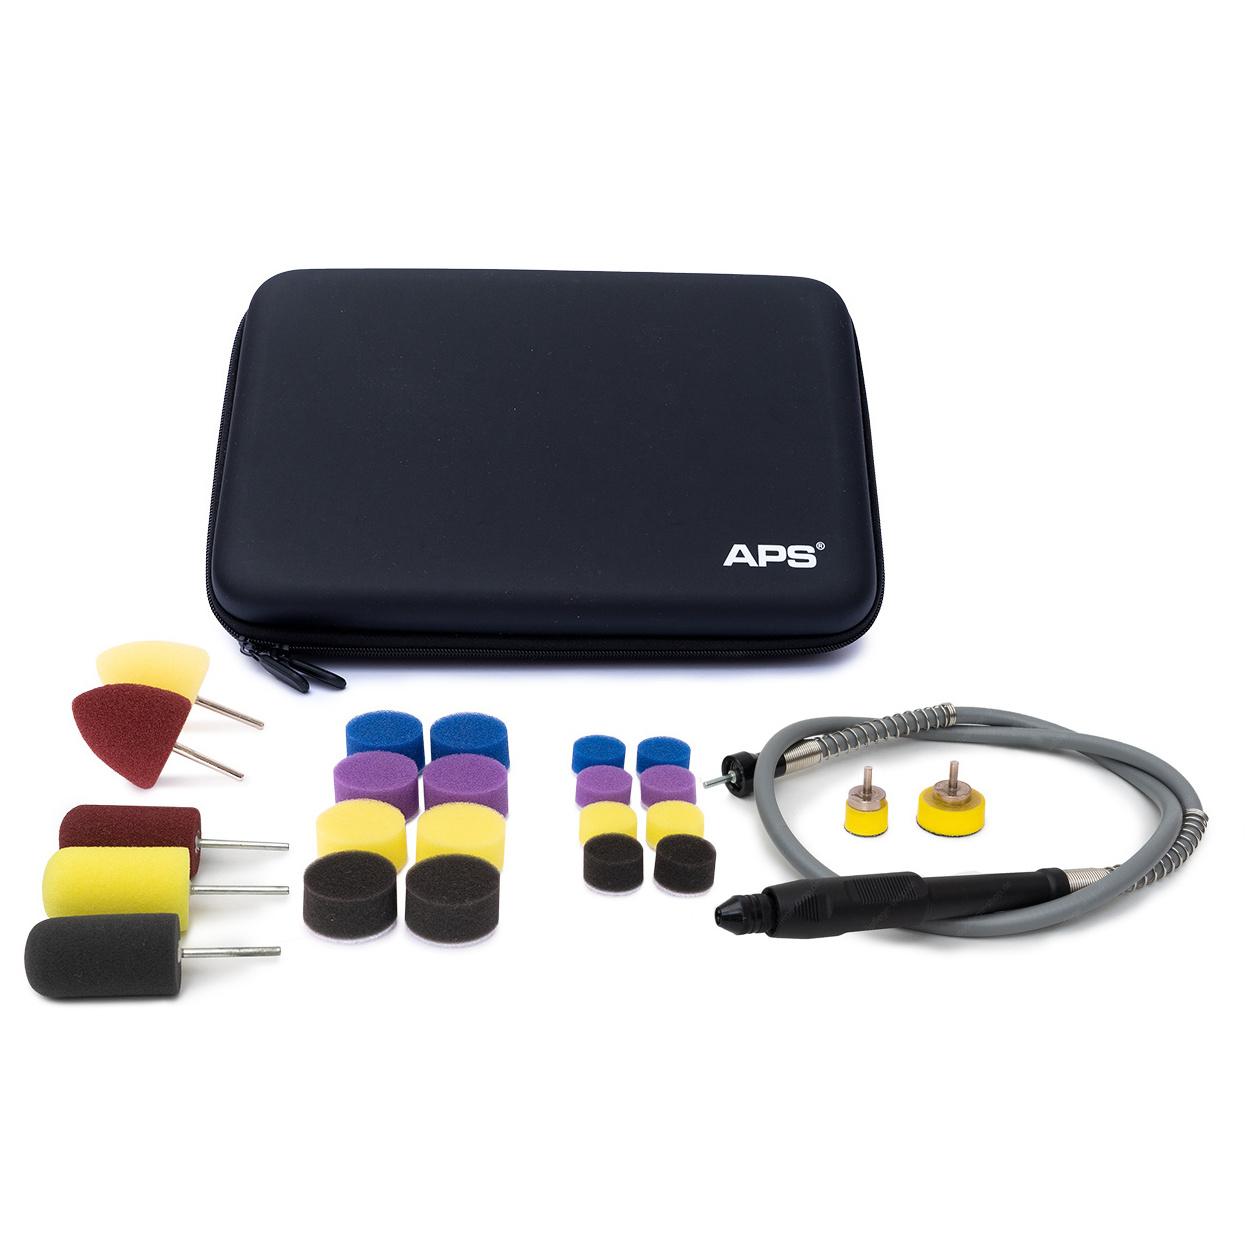 APS APS Pro Nano X-Polisher Kit